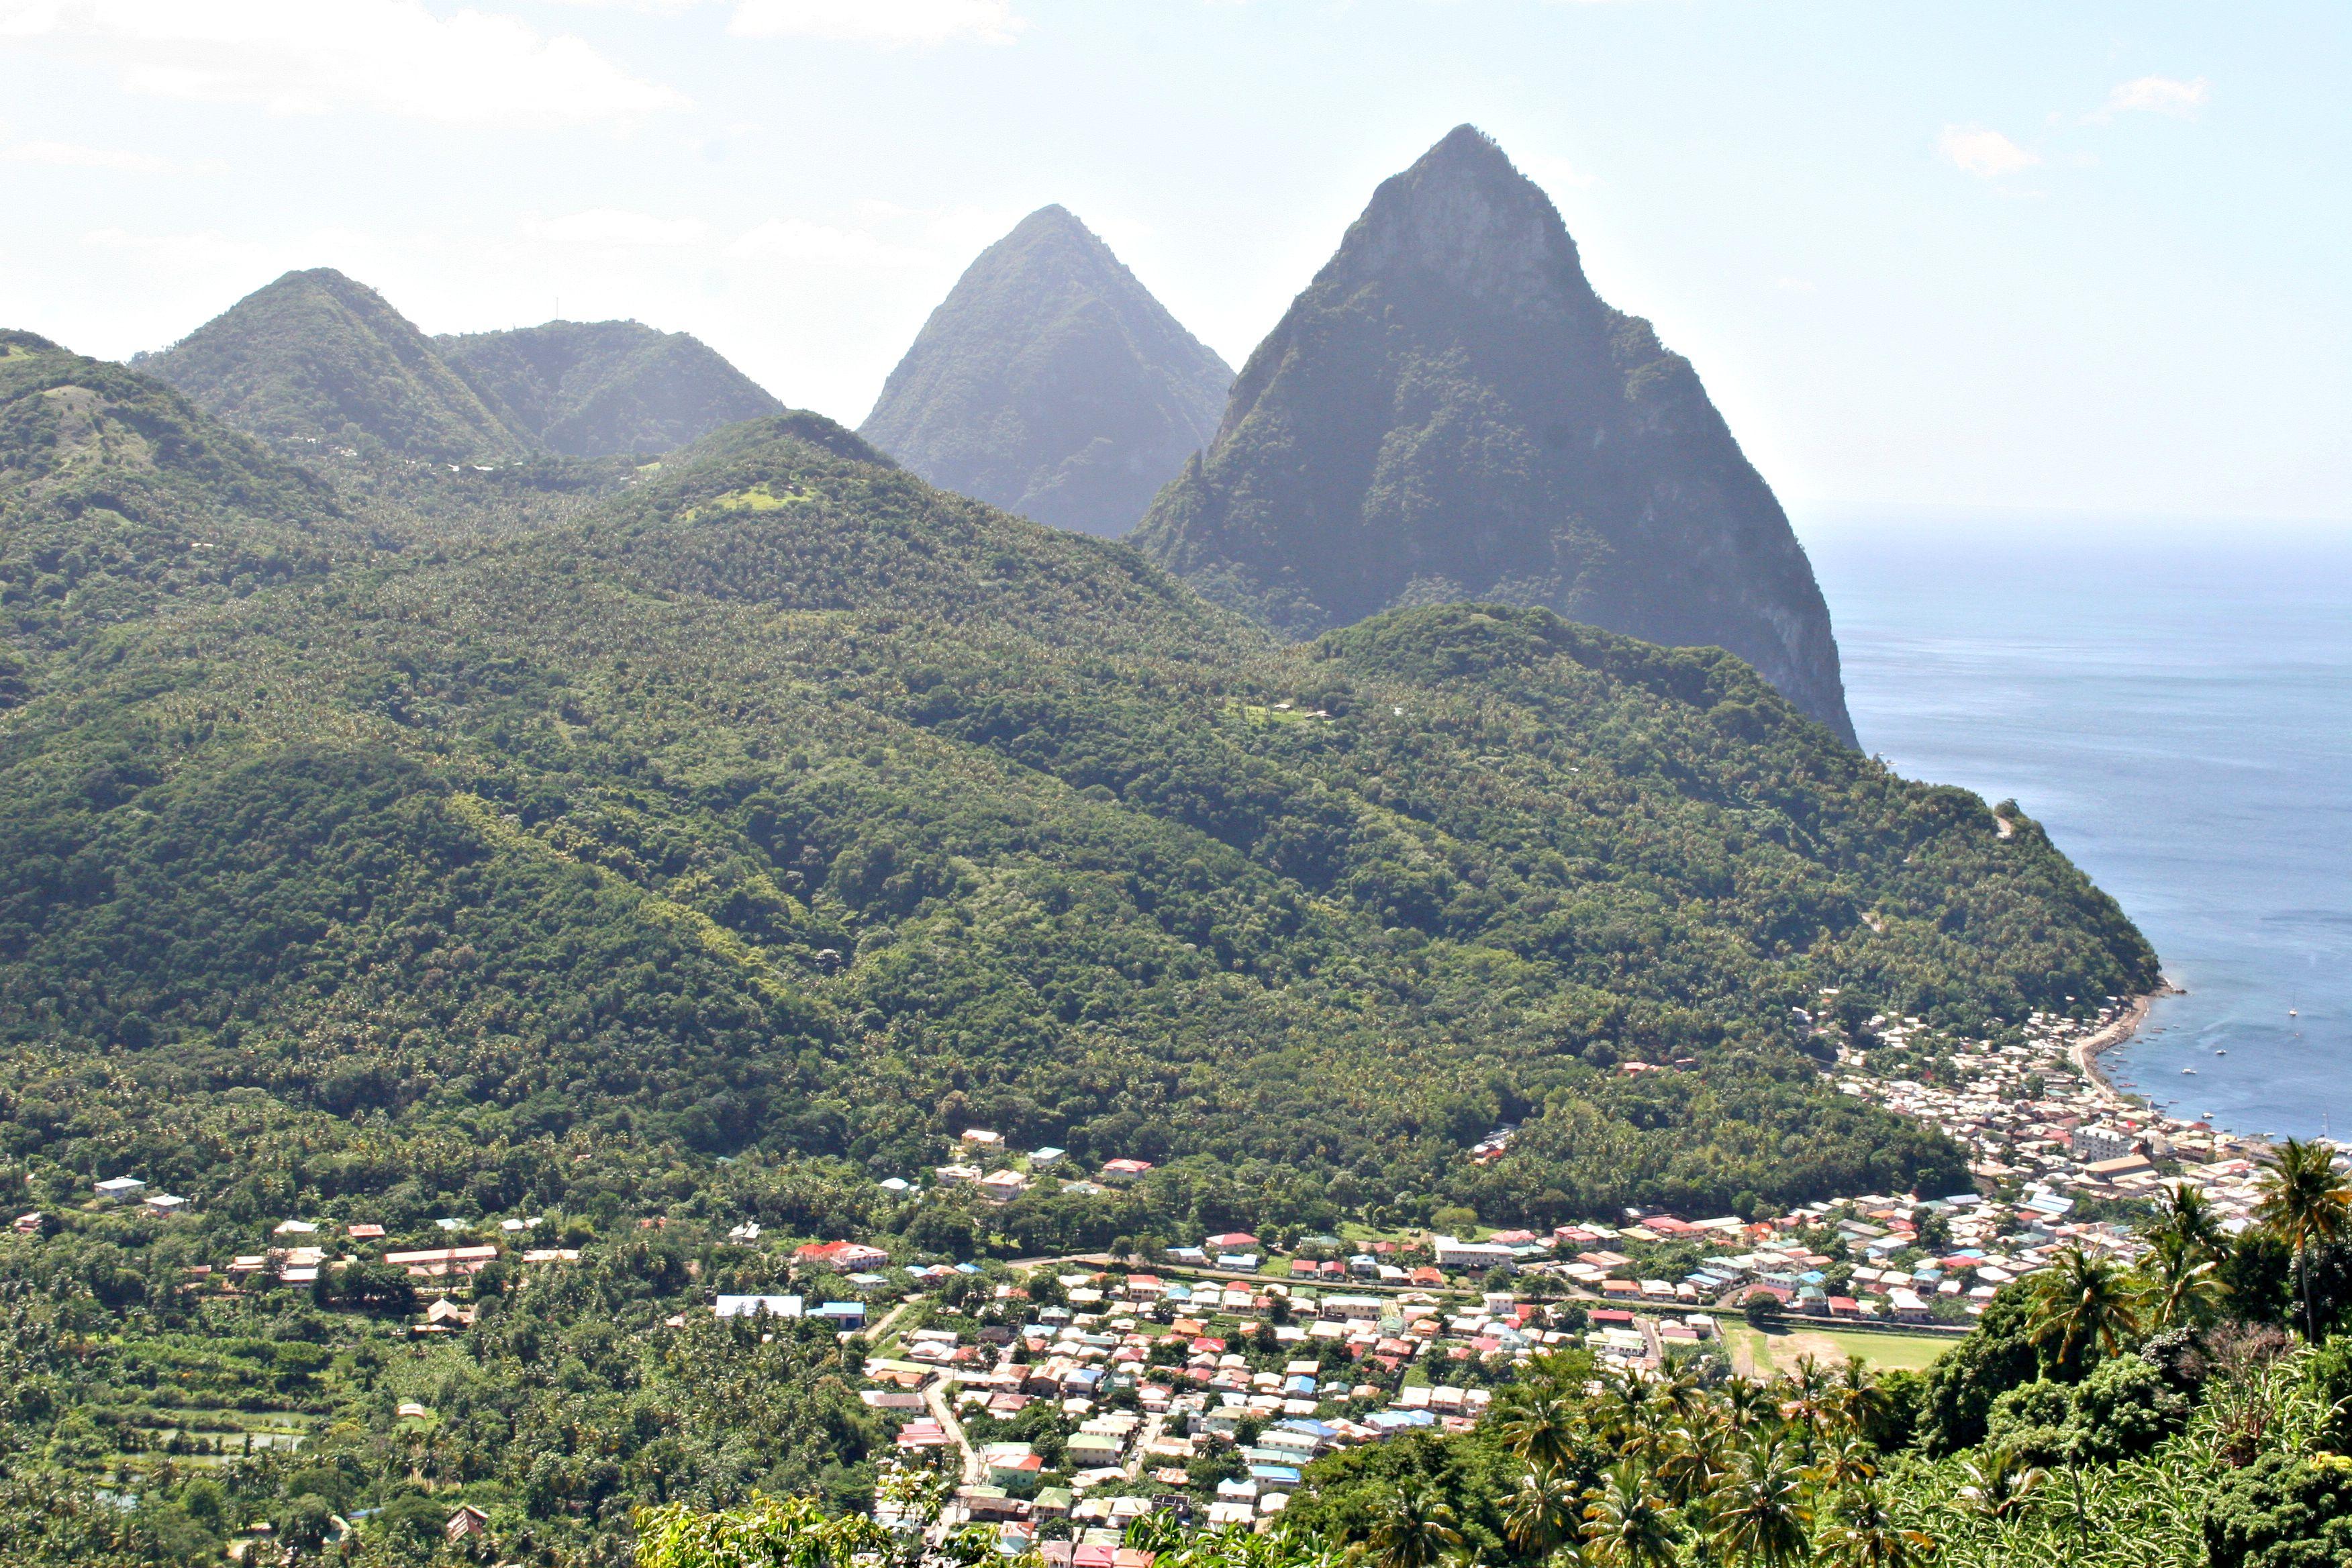 LANDEMERKE: De to tvillingtoppene «Les deux pitons» er muligens Karibias mest karakteristiske topper.